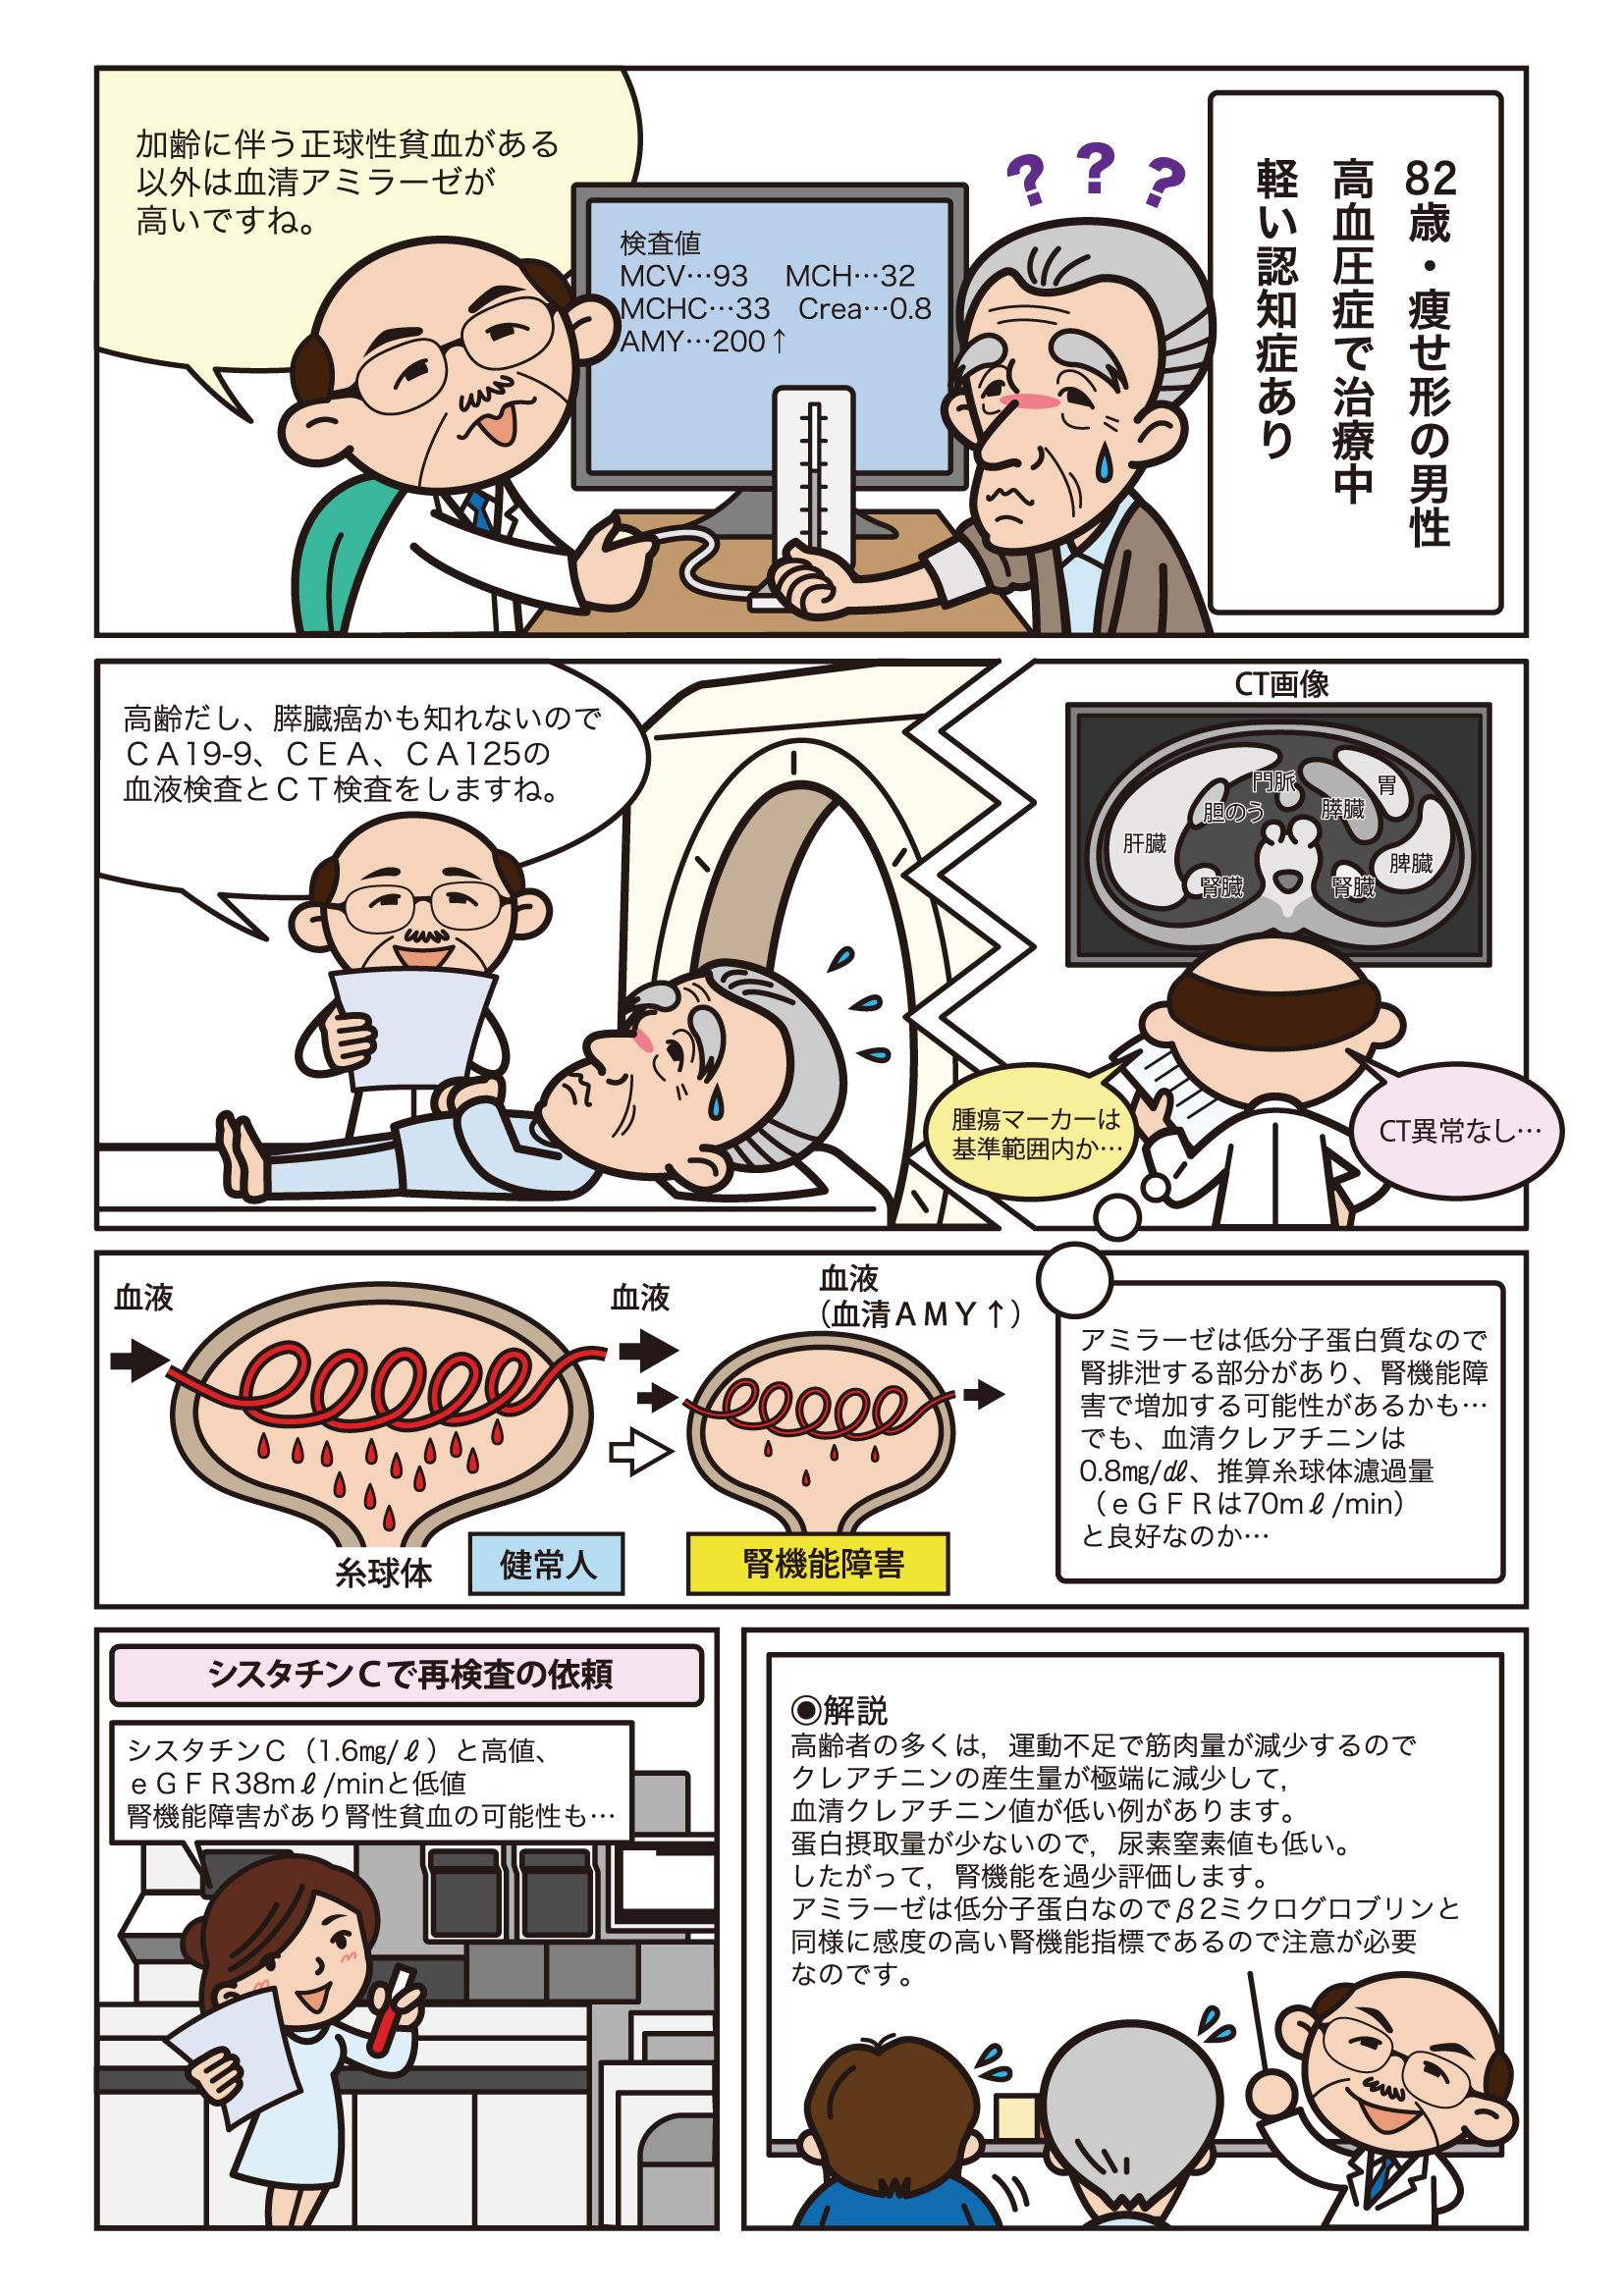 第2話 腎機能評価の落とし穴